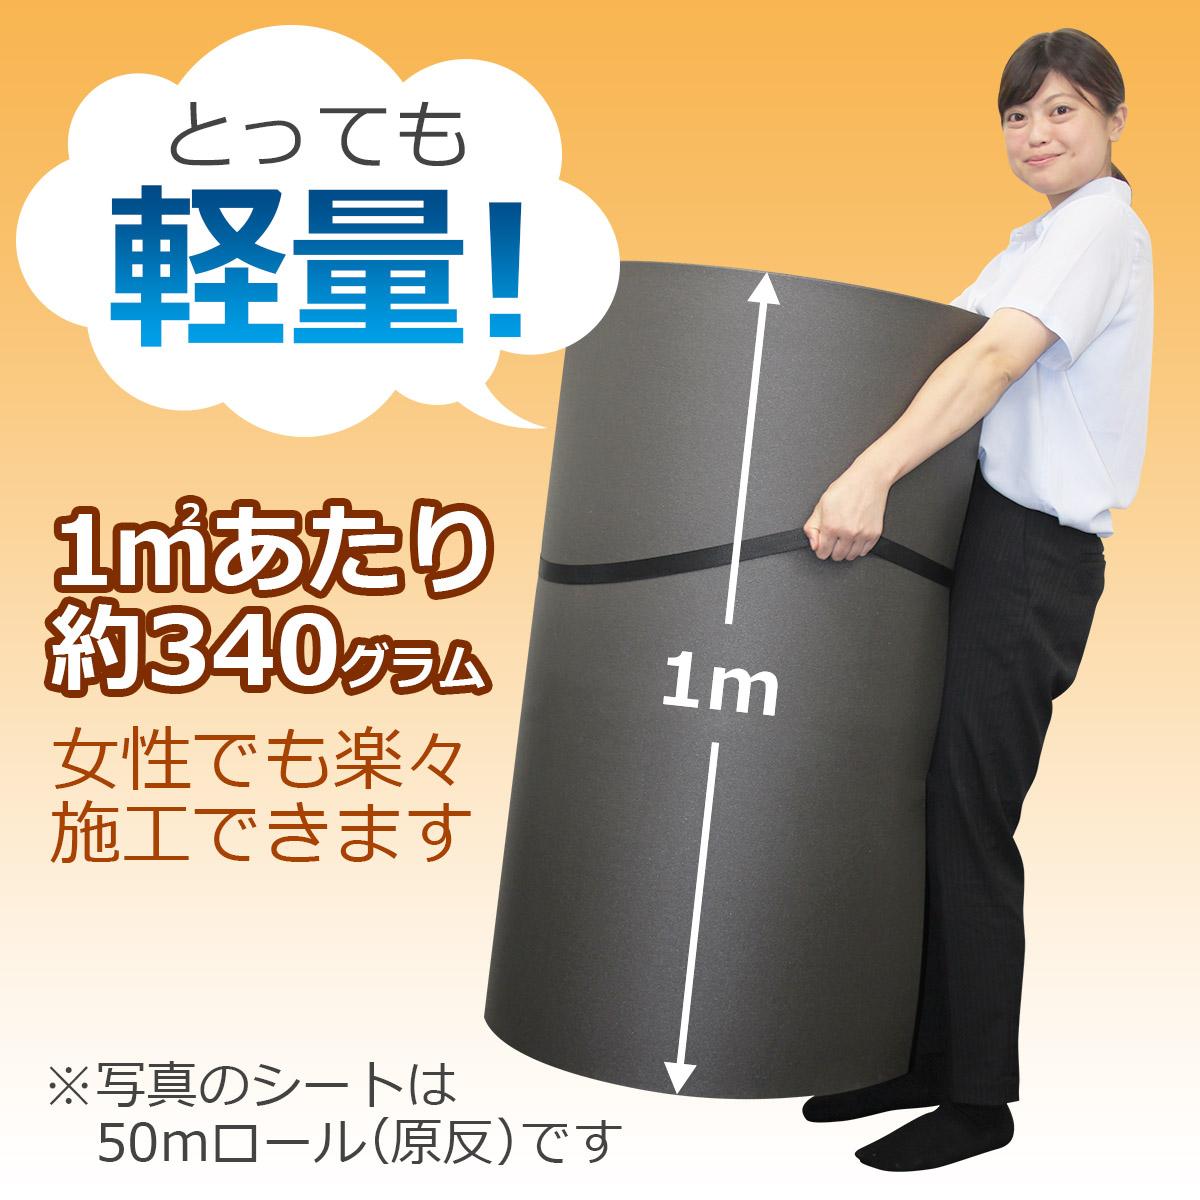 とっても軽量!1㎡あたり約340グラム 女性でも楽々施工できます